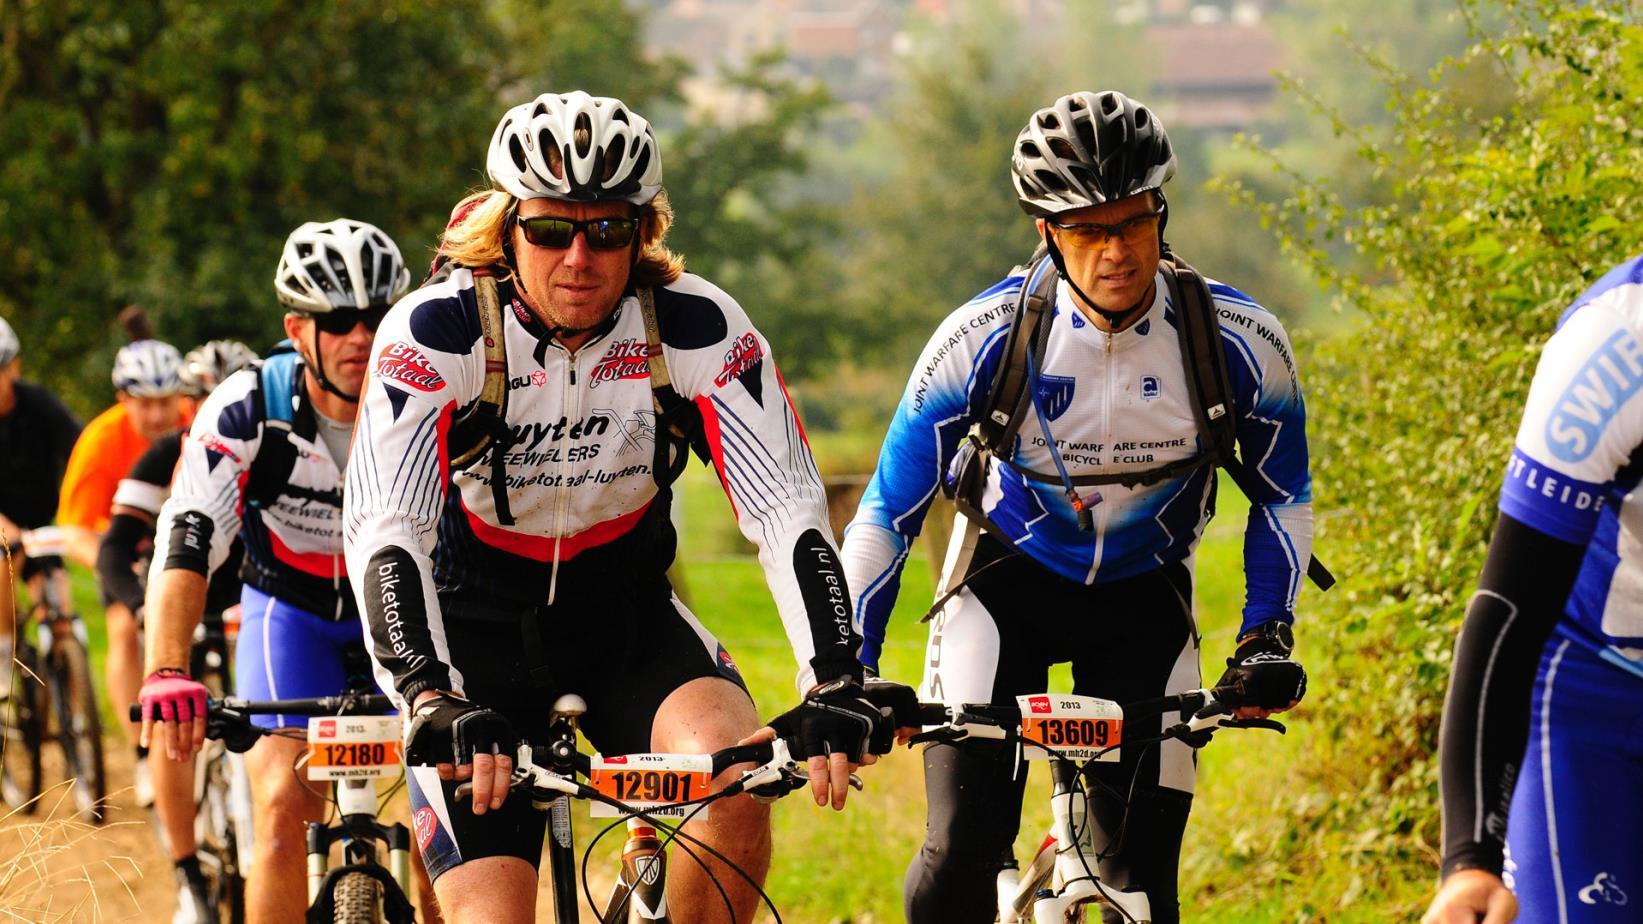 Mountainbiken in Katwijk bij ATB-Katwijk